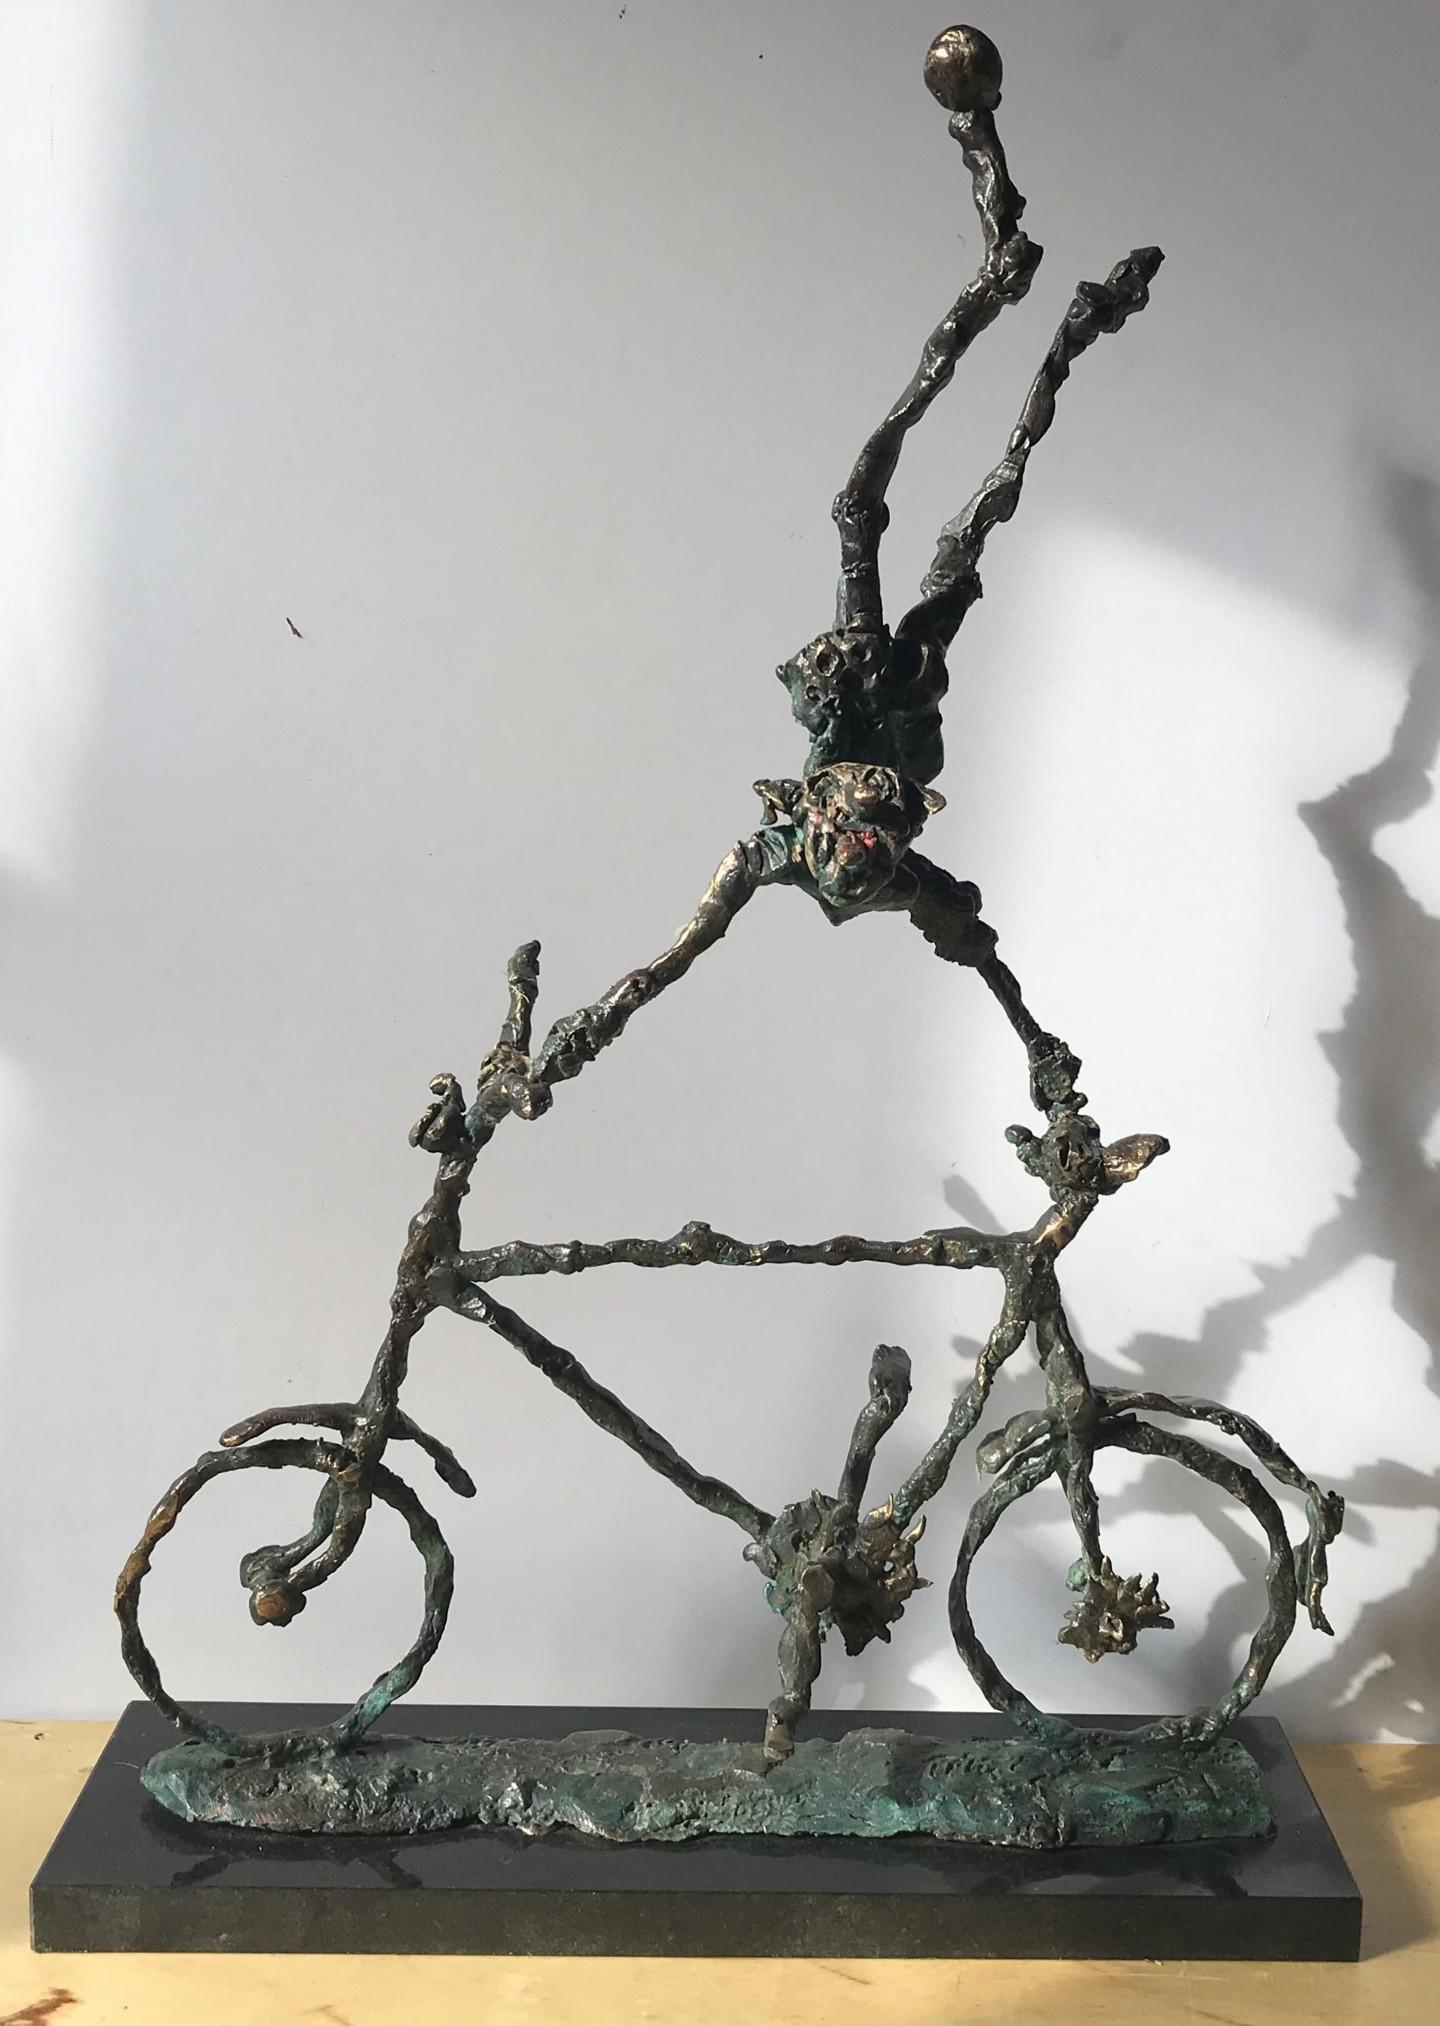 Erno Toth - Crazy cyclist